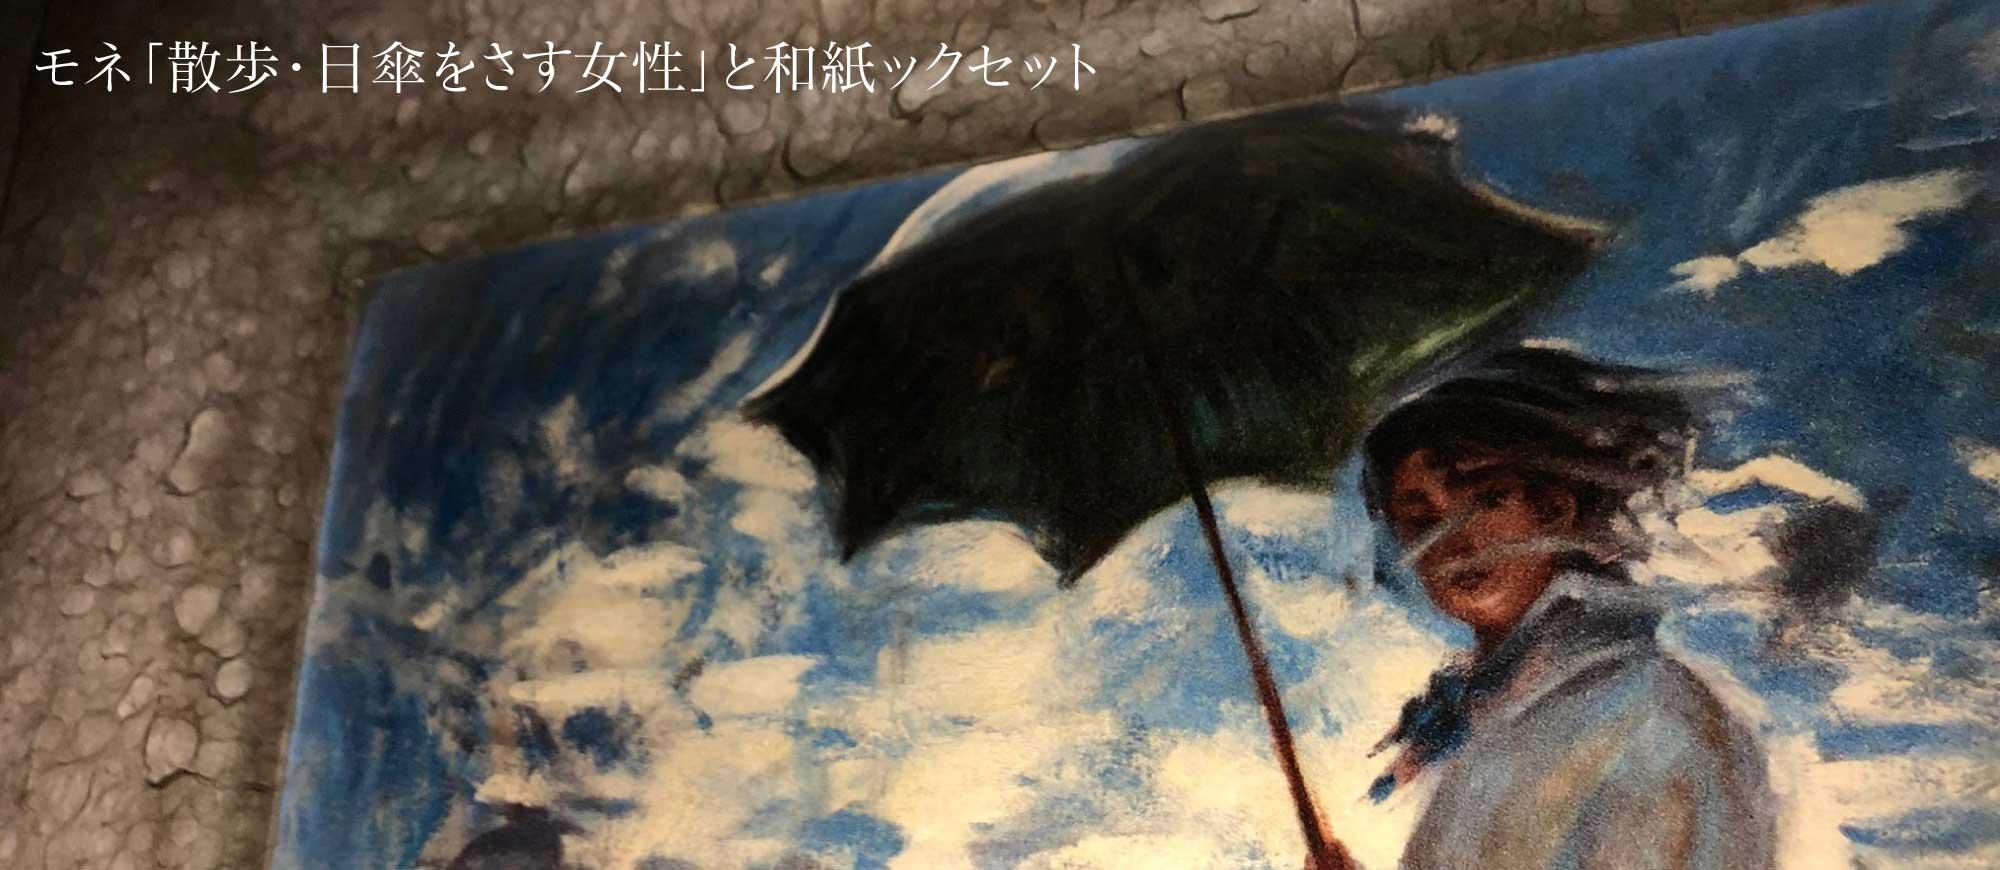 モネ・散歩、日傘をさす女と和紙ックフォトフレーム